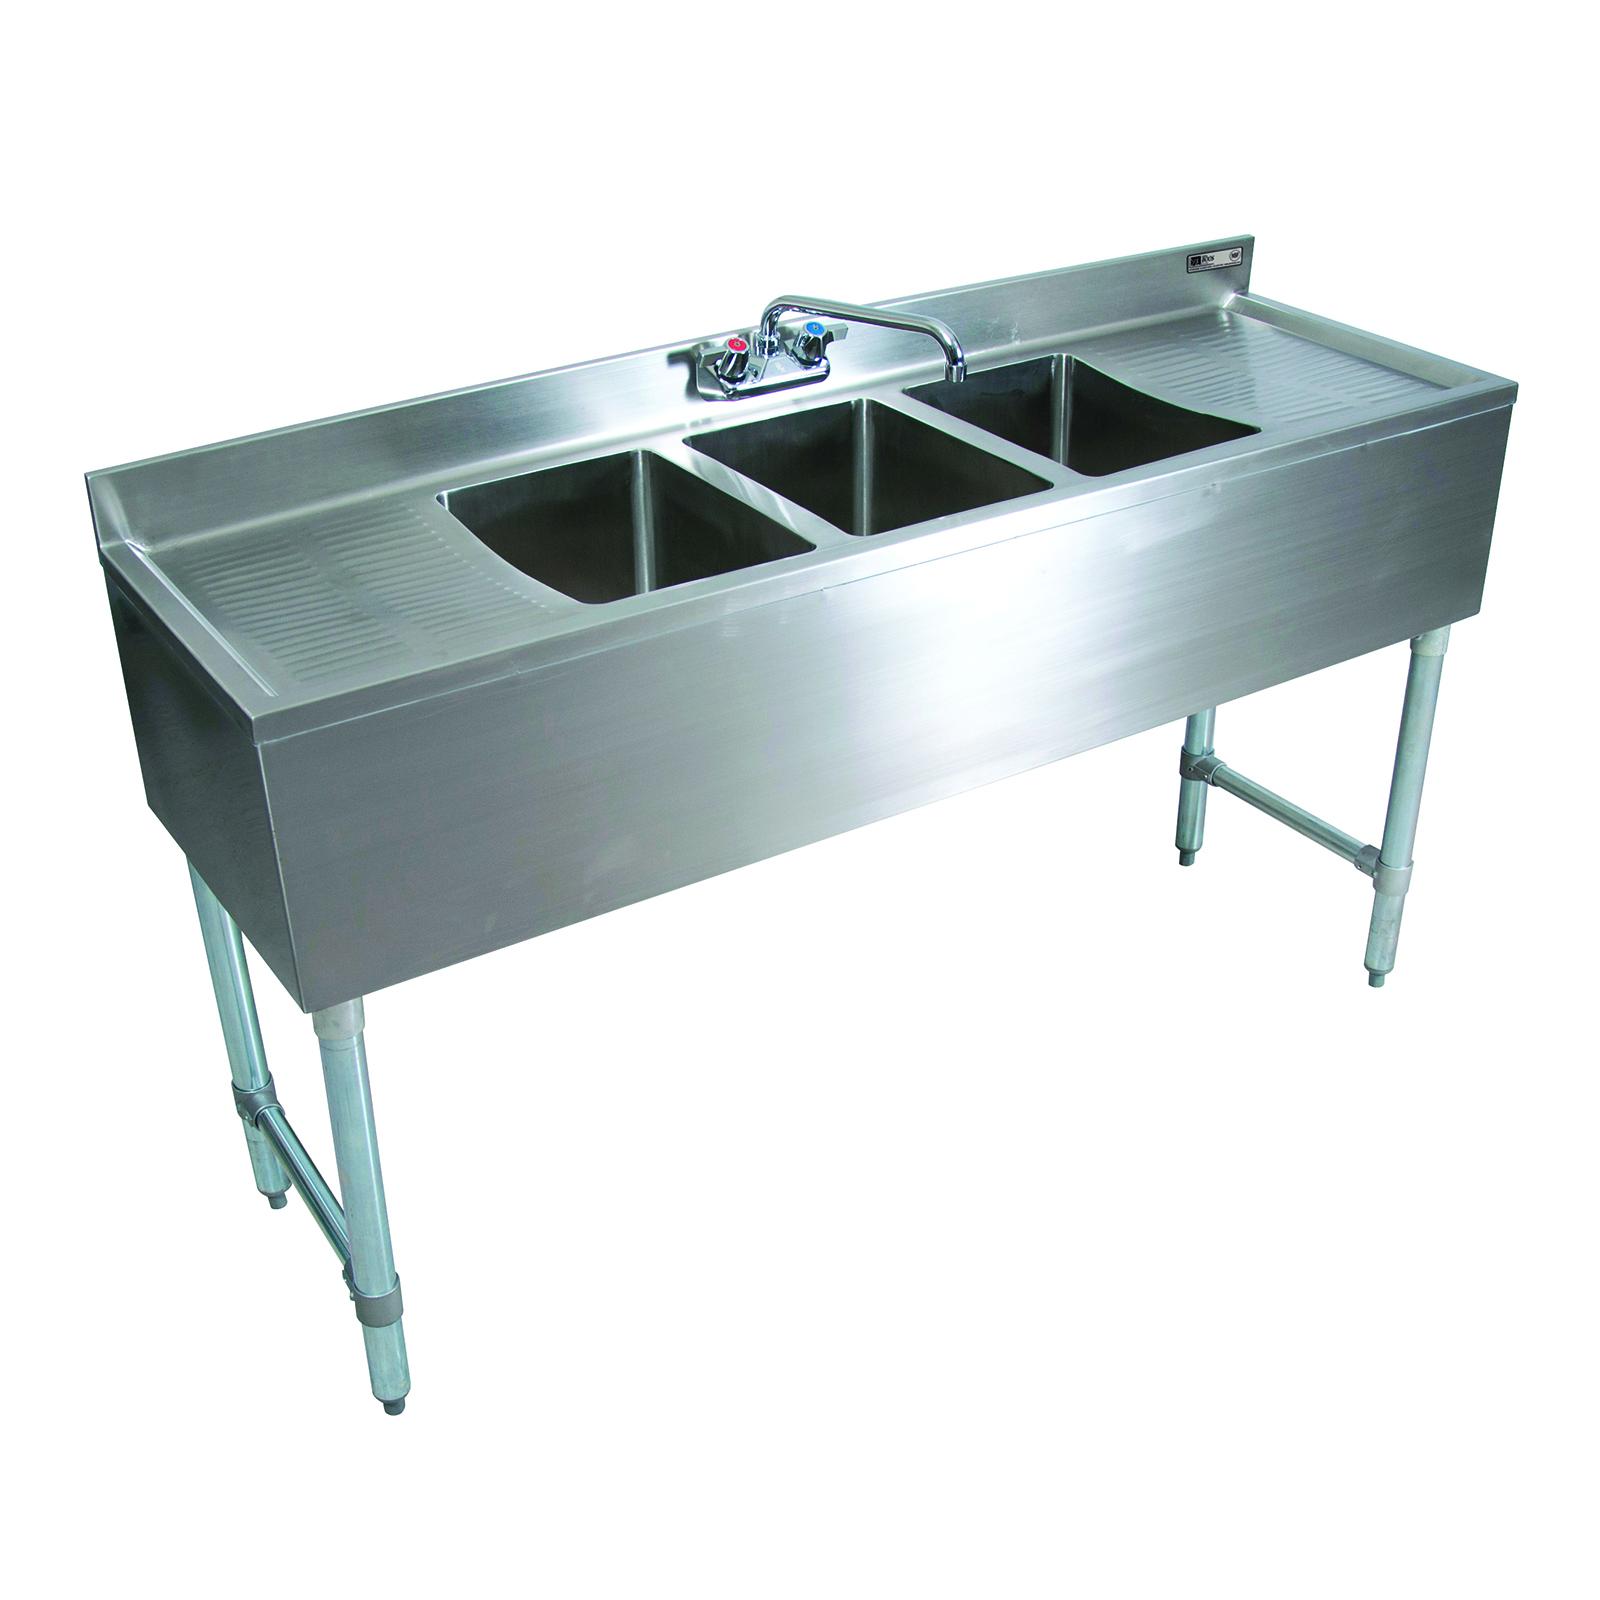 John Boos EUB4S96-2D underbar sink units